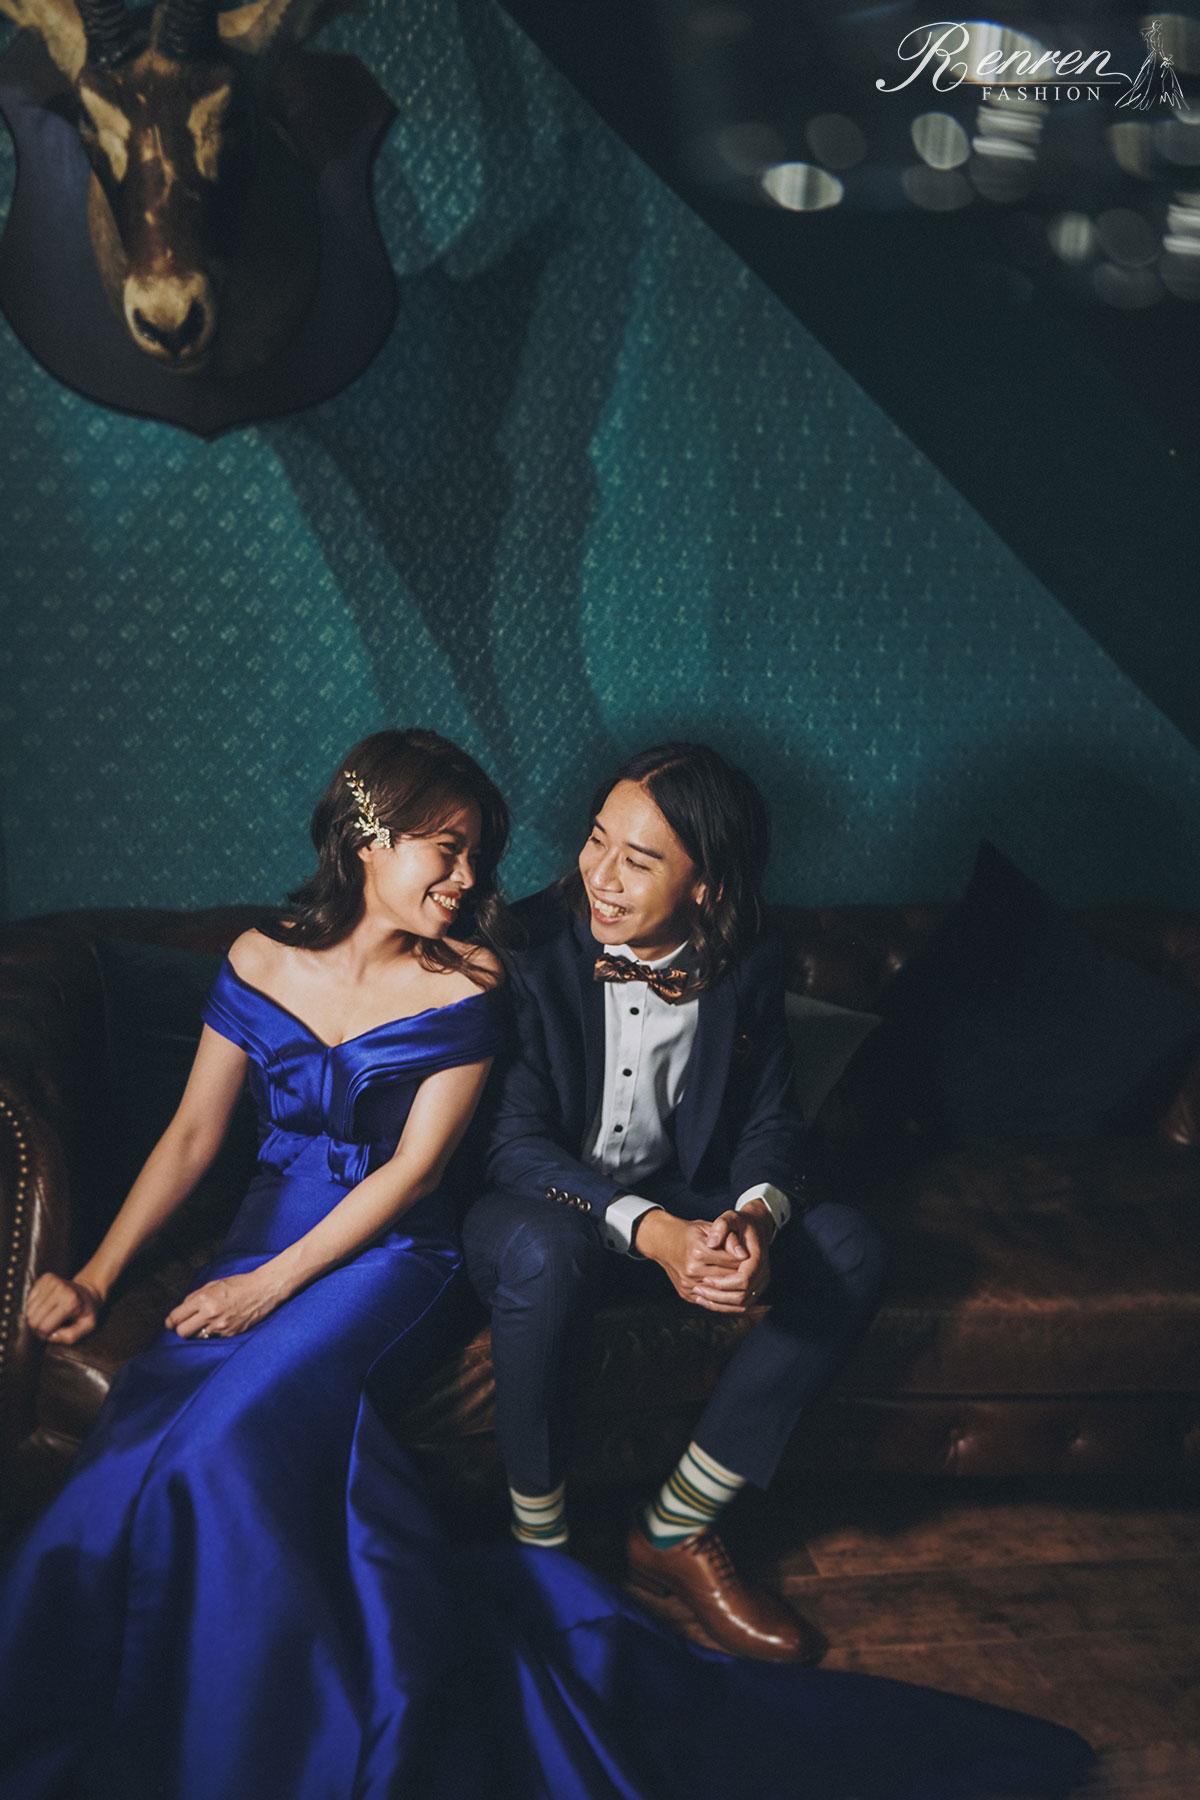 台中婚紗 旅拍 - 俐落理髮廳 - 冉冉婚紗